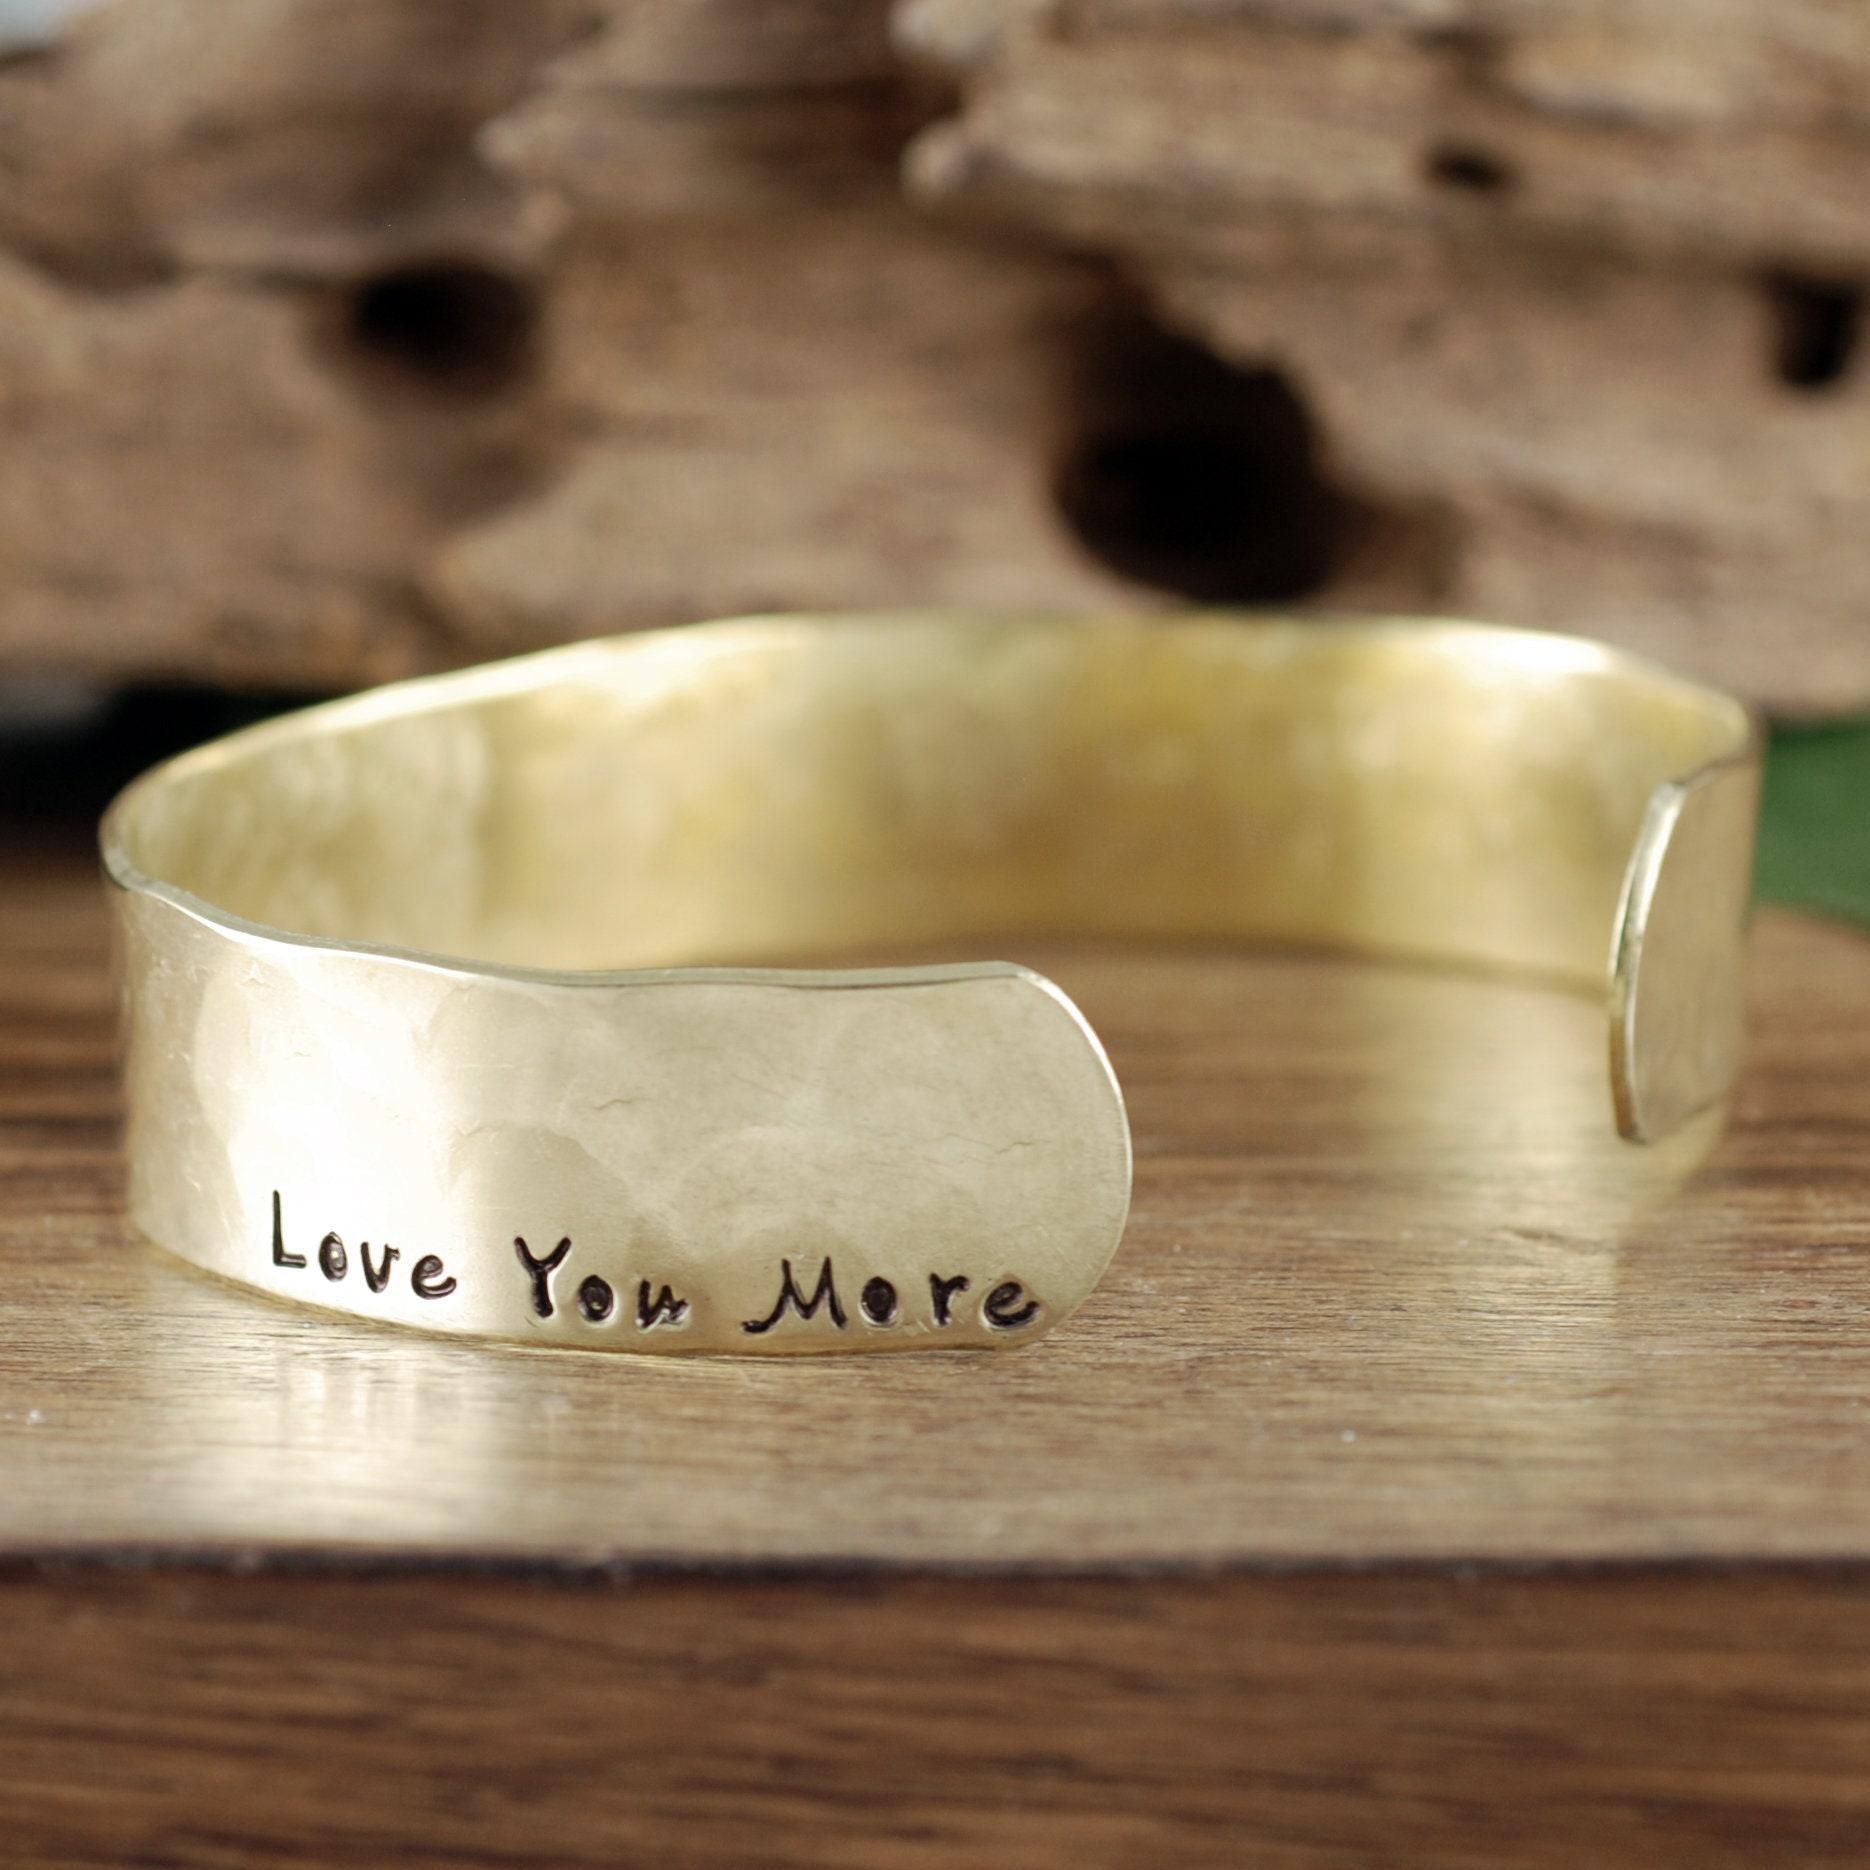 d7f88bc9e57 Love you more Cuff Bracelet, Personalized Bracelets, Custom Cuff ...